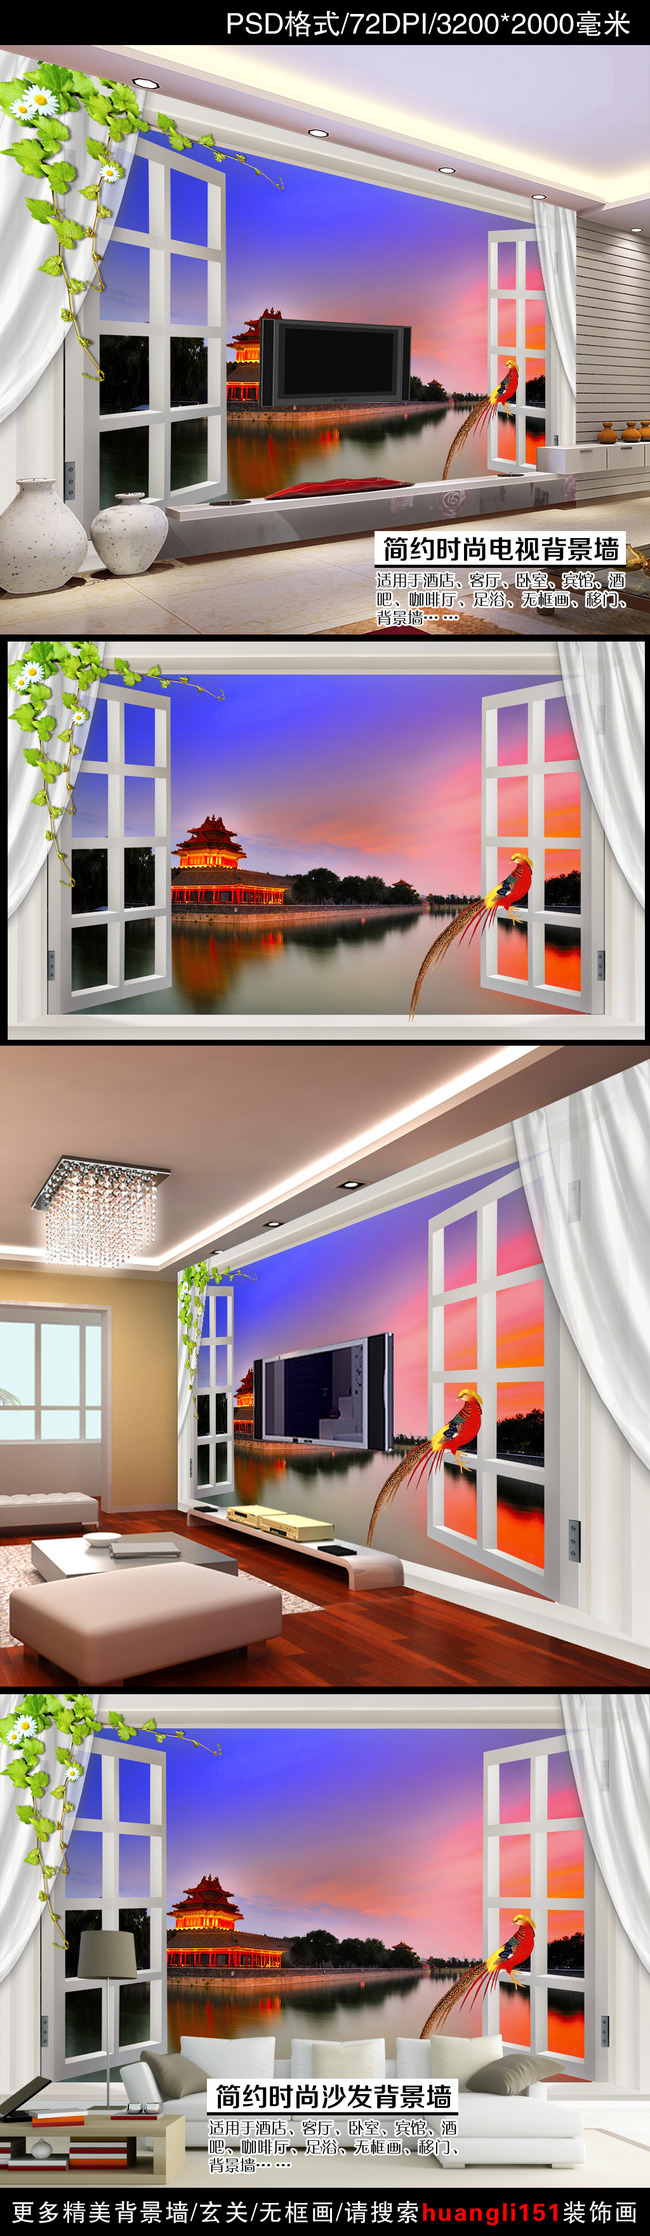 瓷砖 窗户 欧式